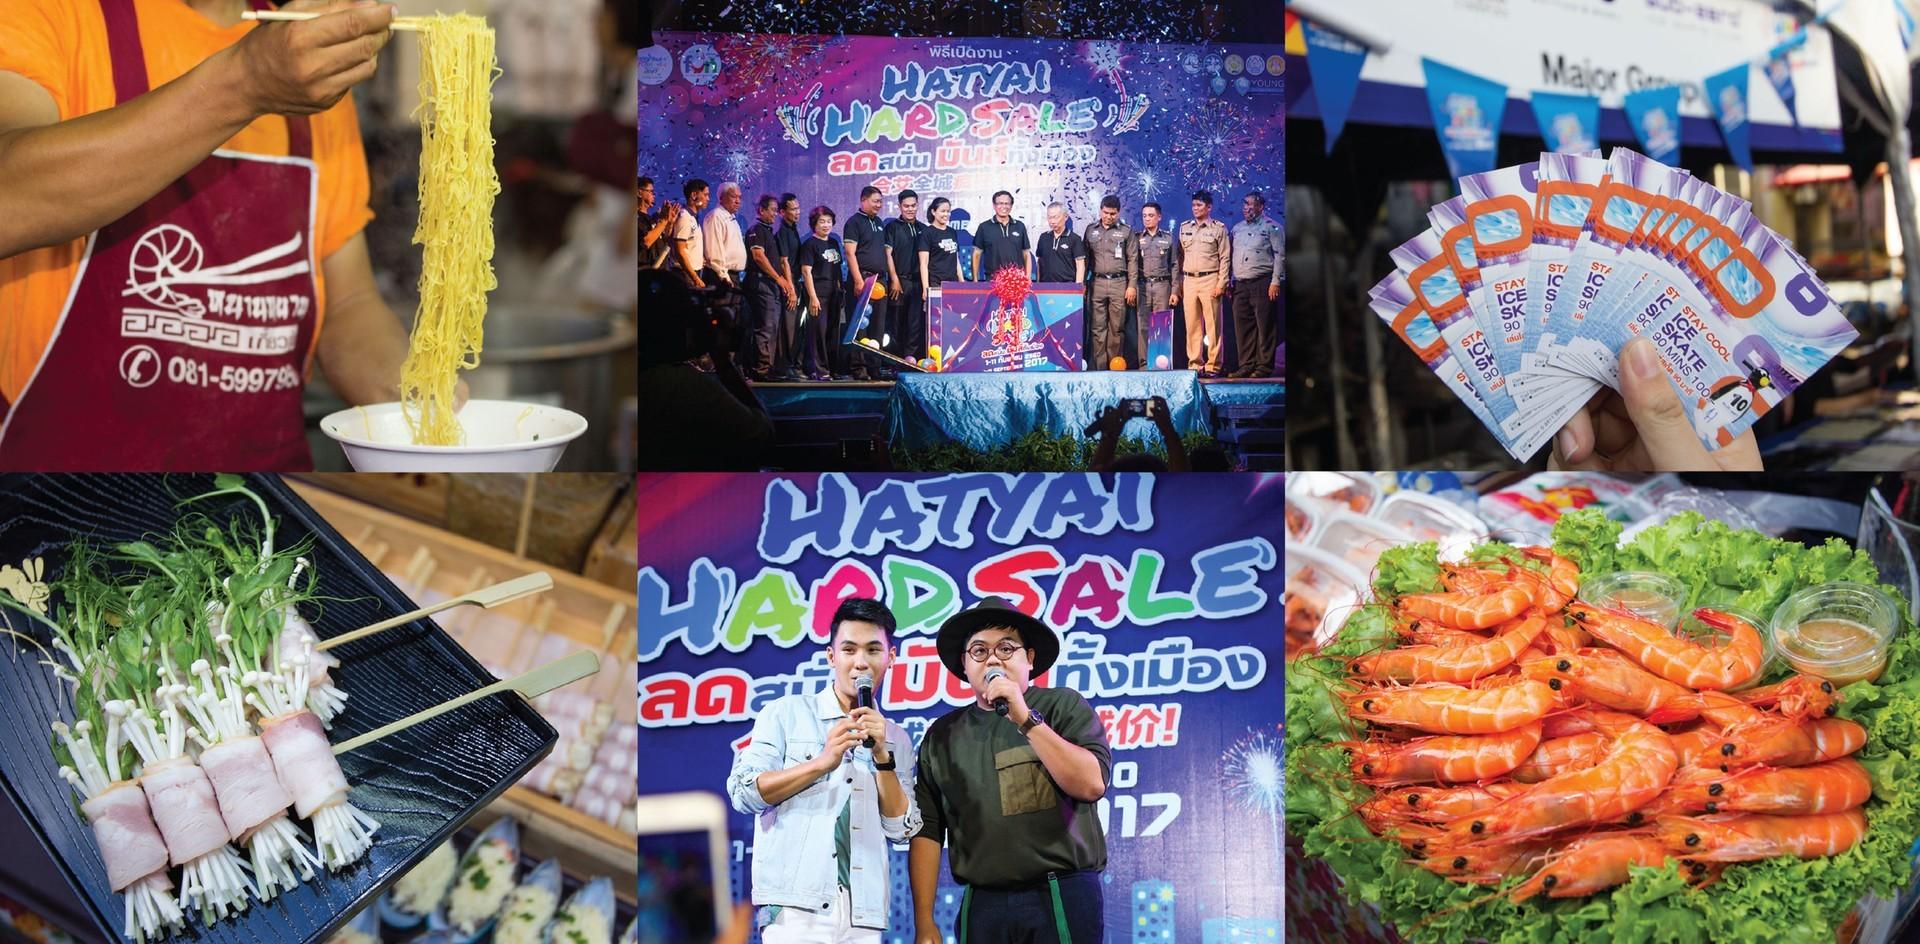 ชิม ช็อป เที่ยวงาน Hatyai Hard Sale ลดสนั่นมันส์ทั้งเมืองหาดใหญ่ 2017